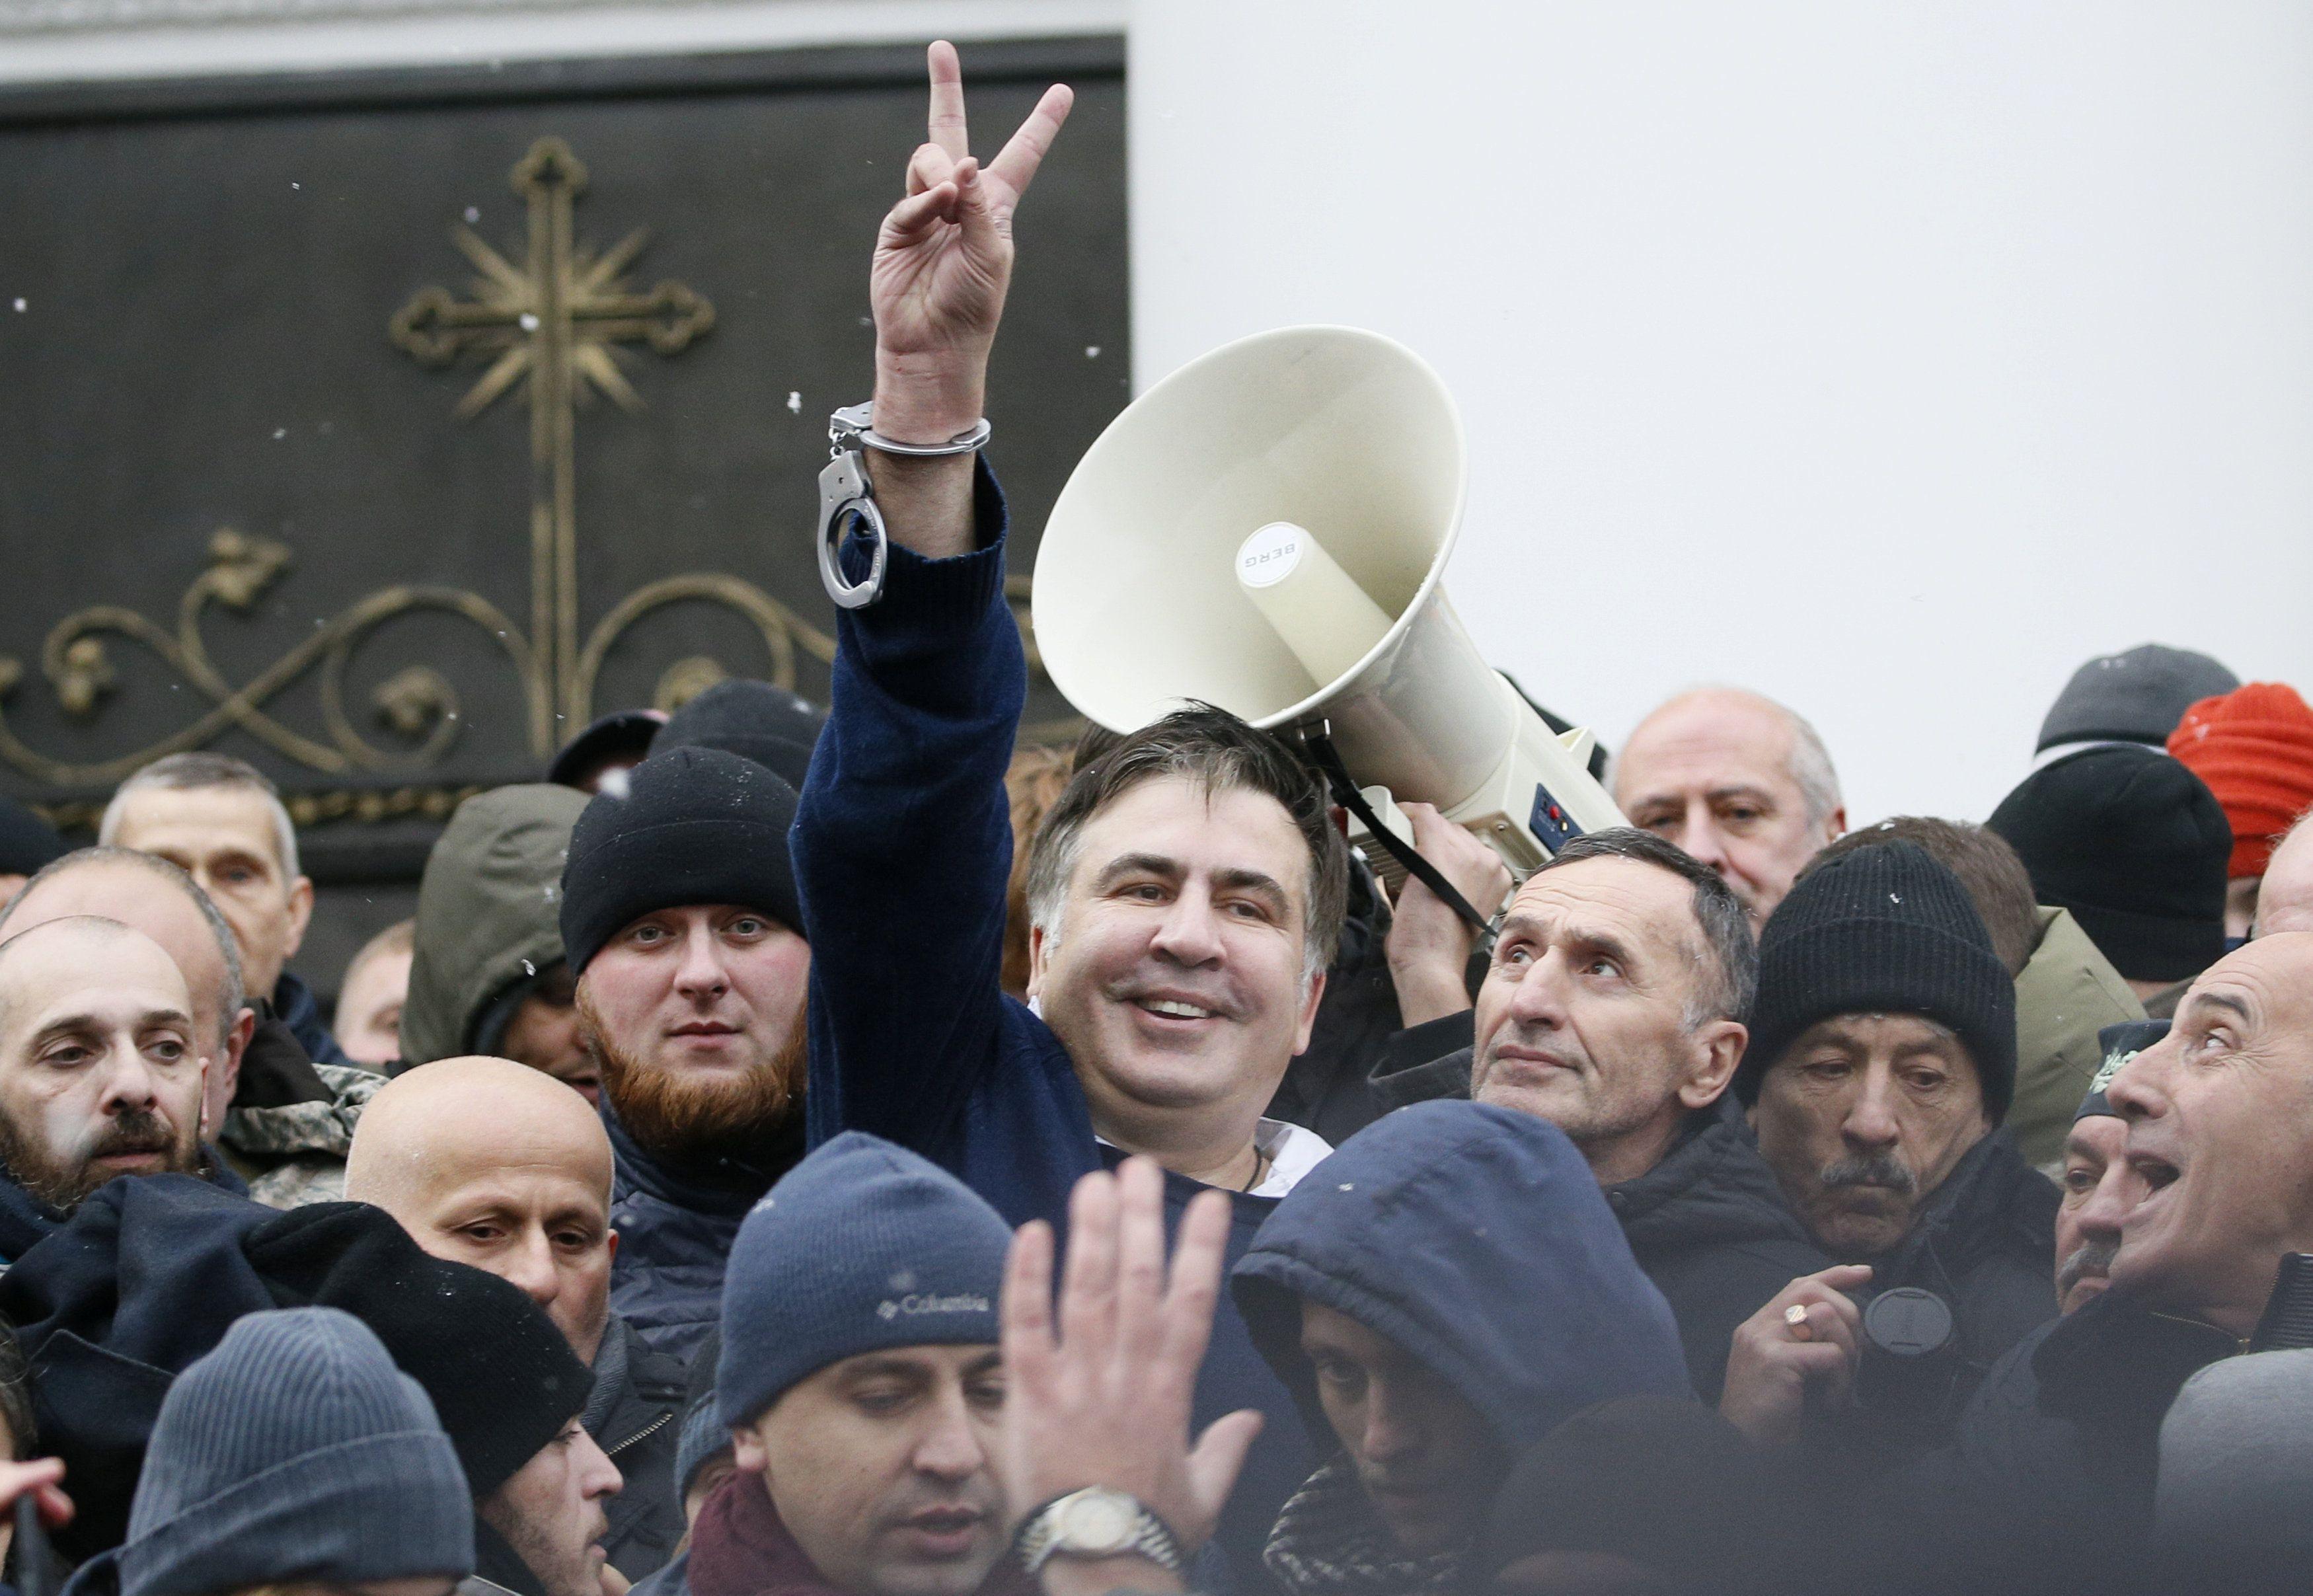 Михеил Саакашвили — Михеил Саакашвили прилетит в аэропорт Борисполь 29 мая в 17:15, сообщила его помощница